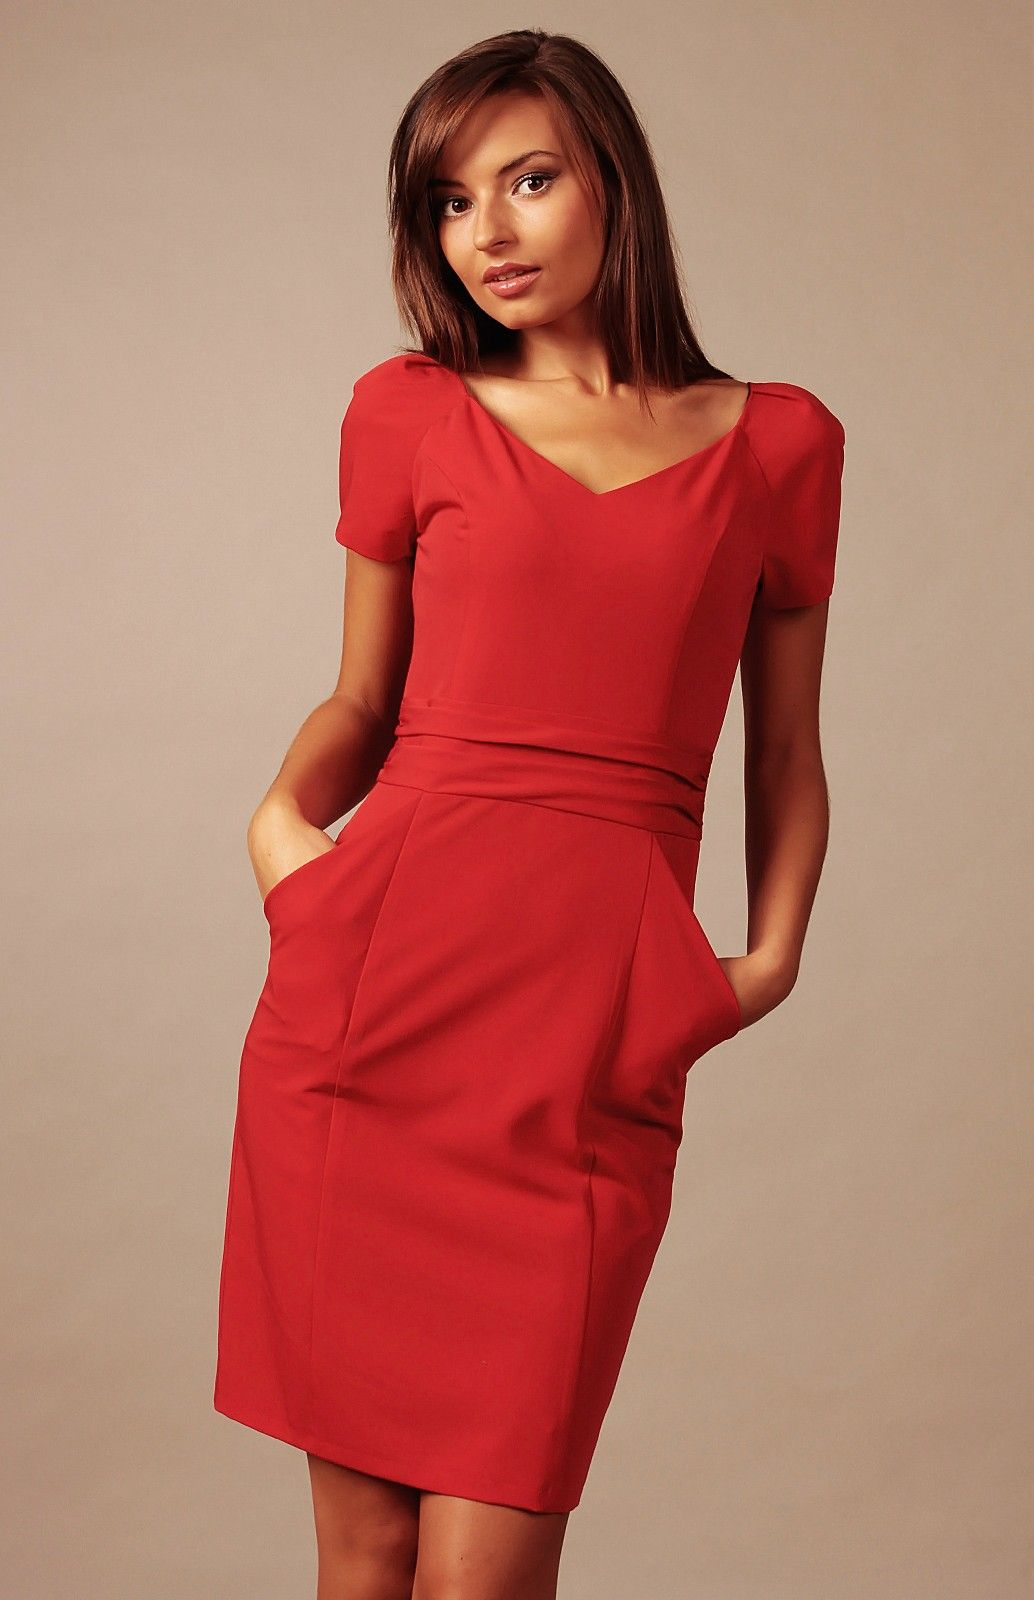 d7c02e27604 Petite robe rouge charmante et polyvalente.